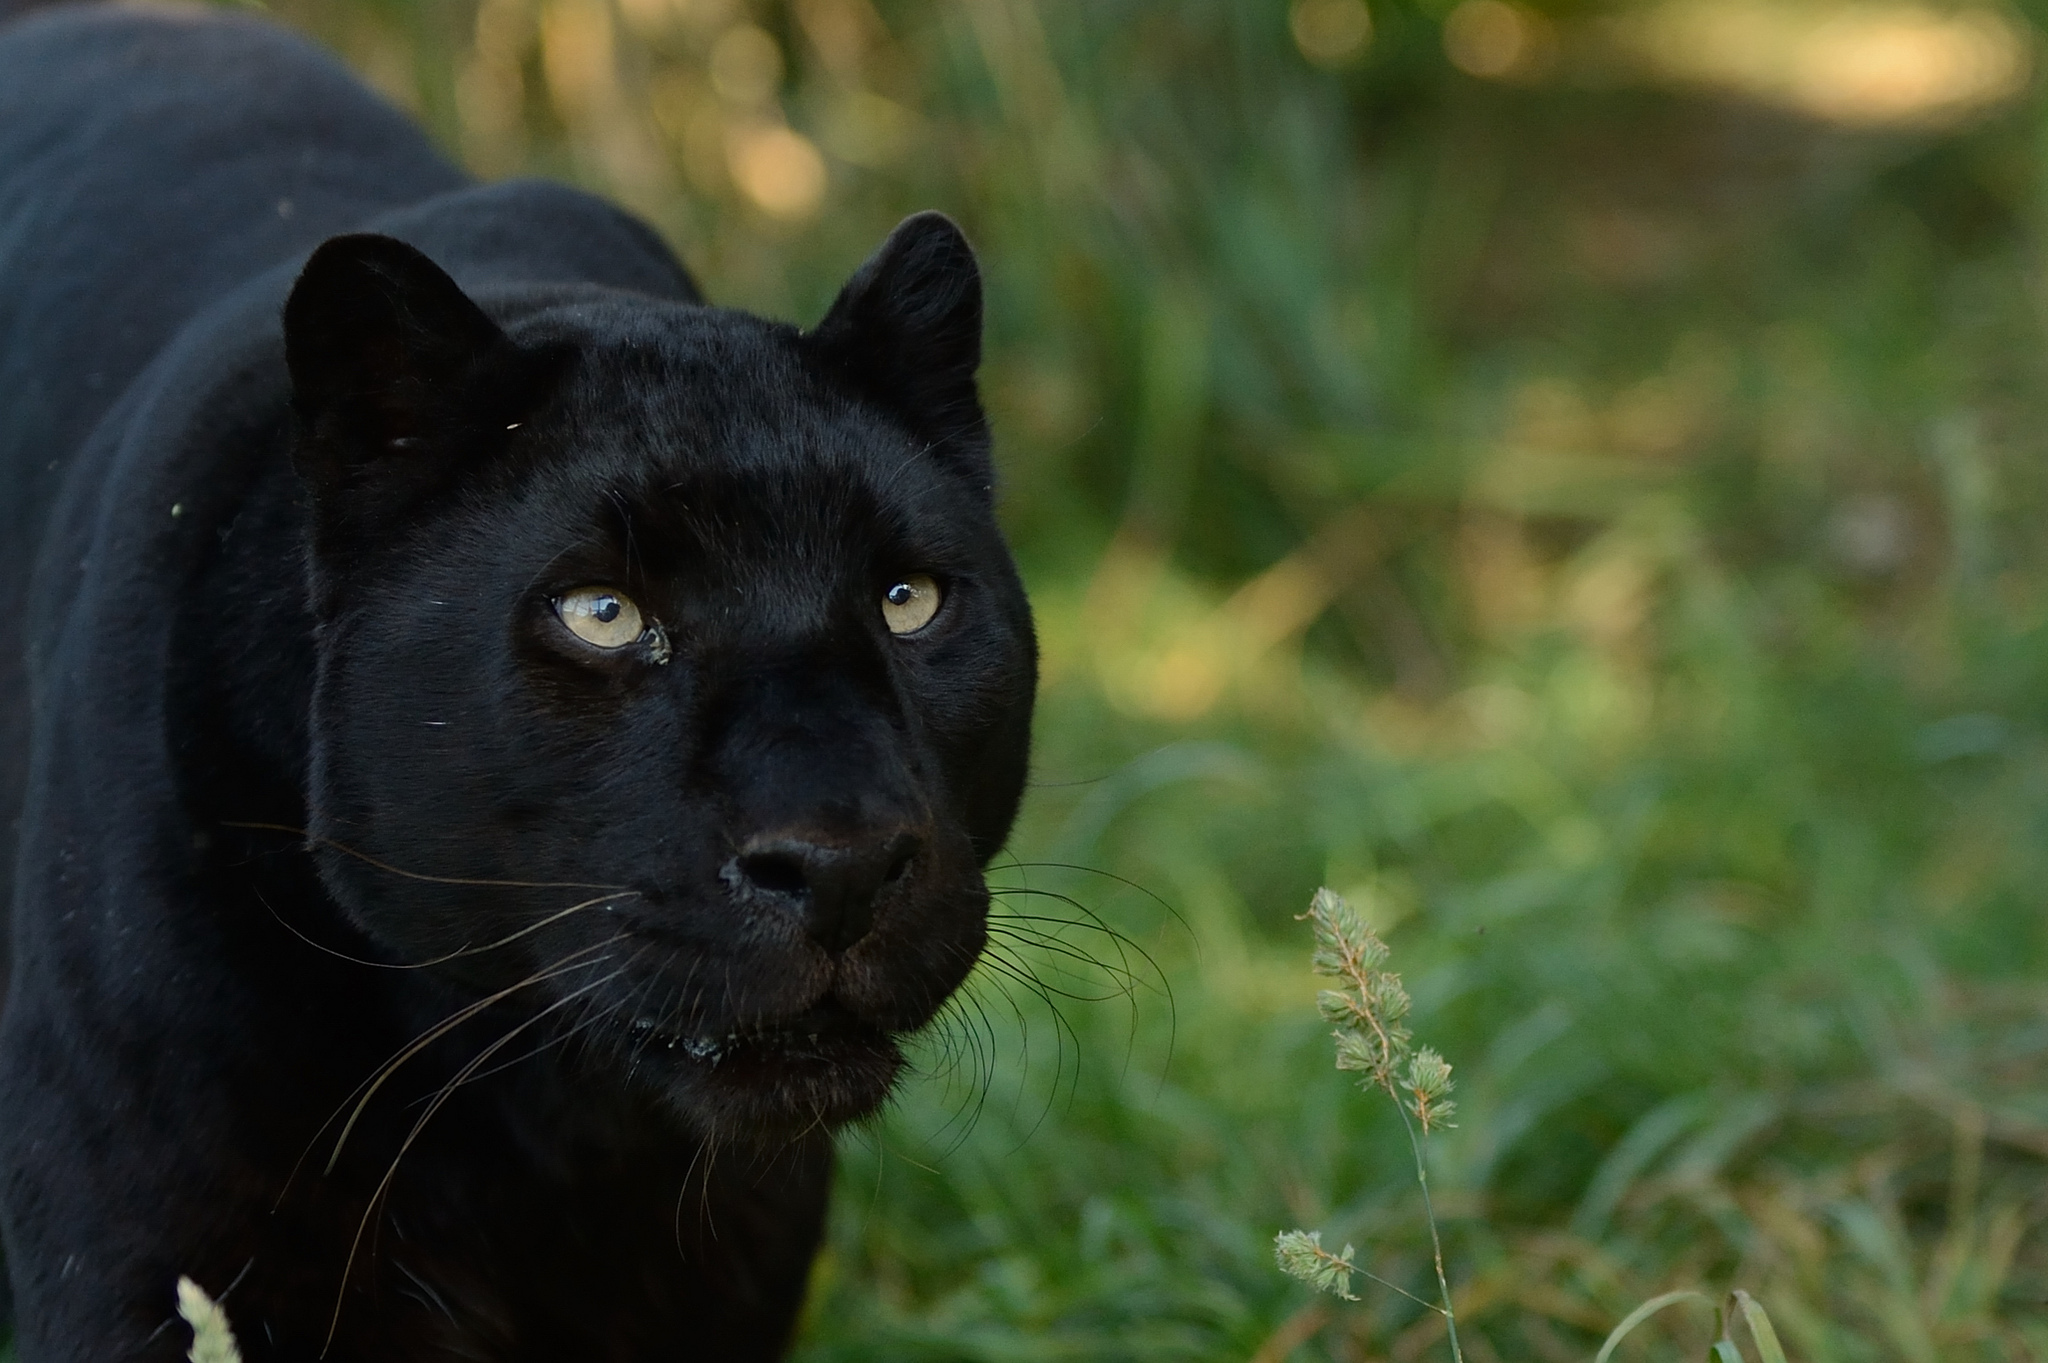 Black Panther Animal Wallpapers: Black Panther Animal Wallpaper